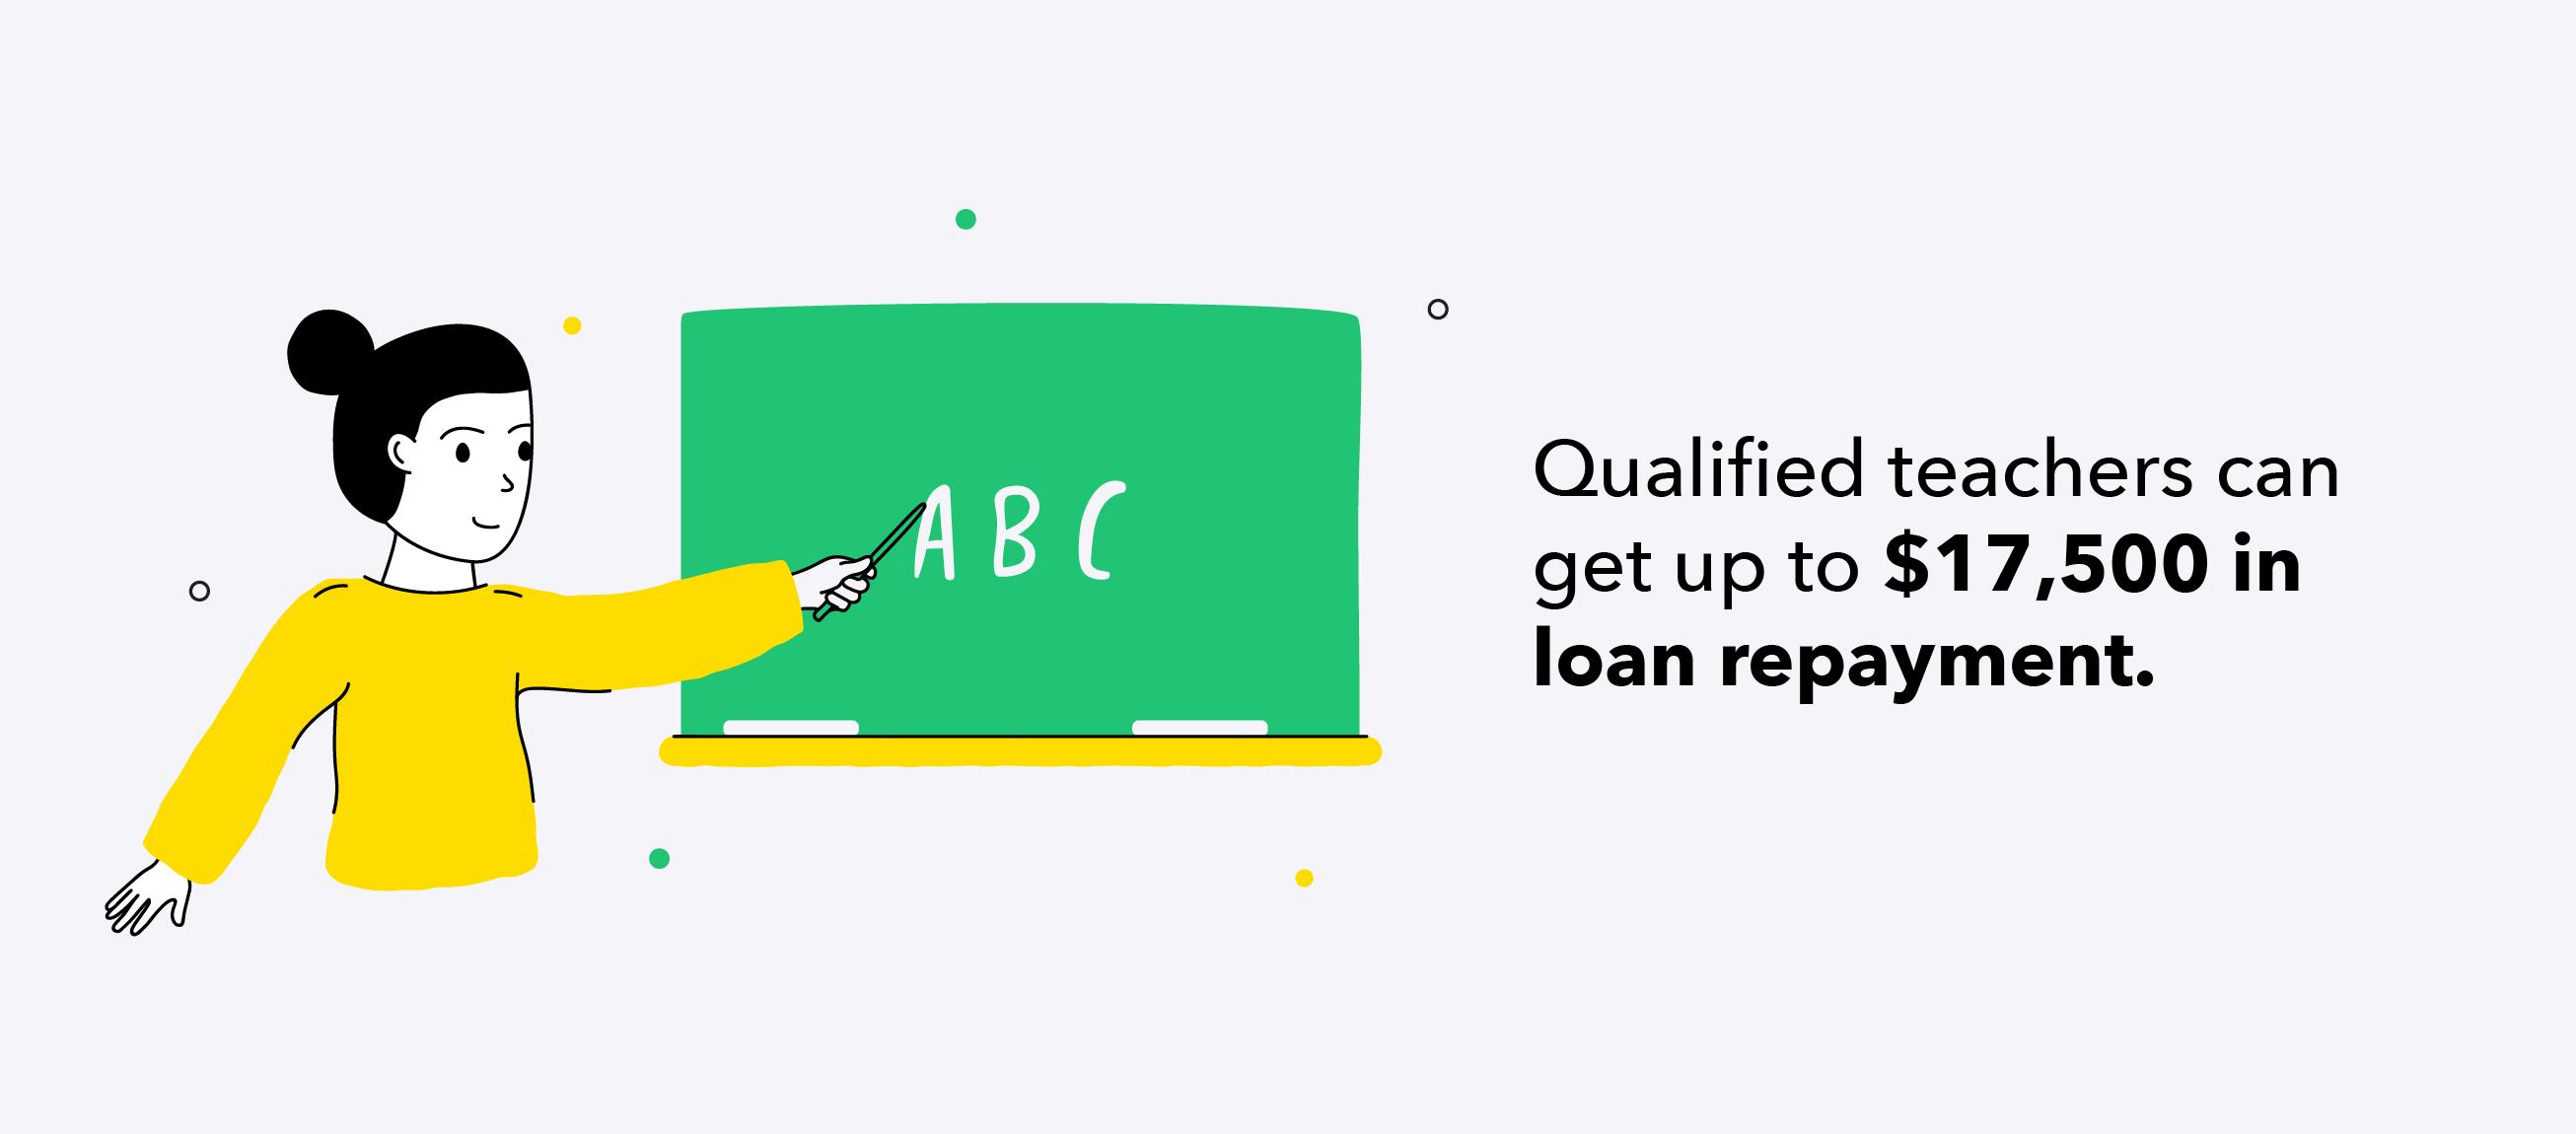 Teachers receive loans